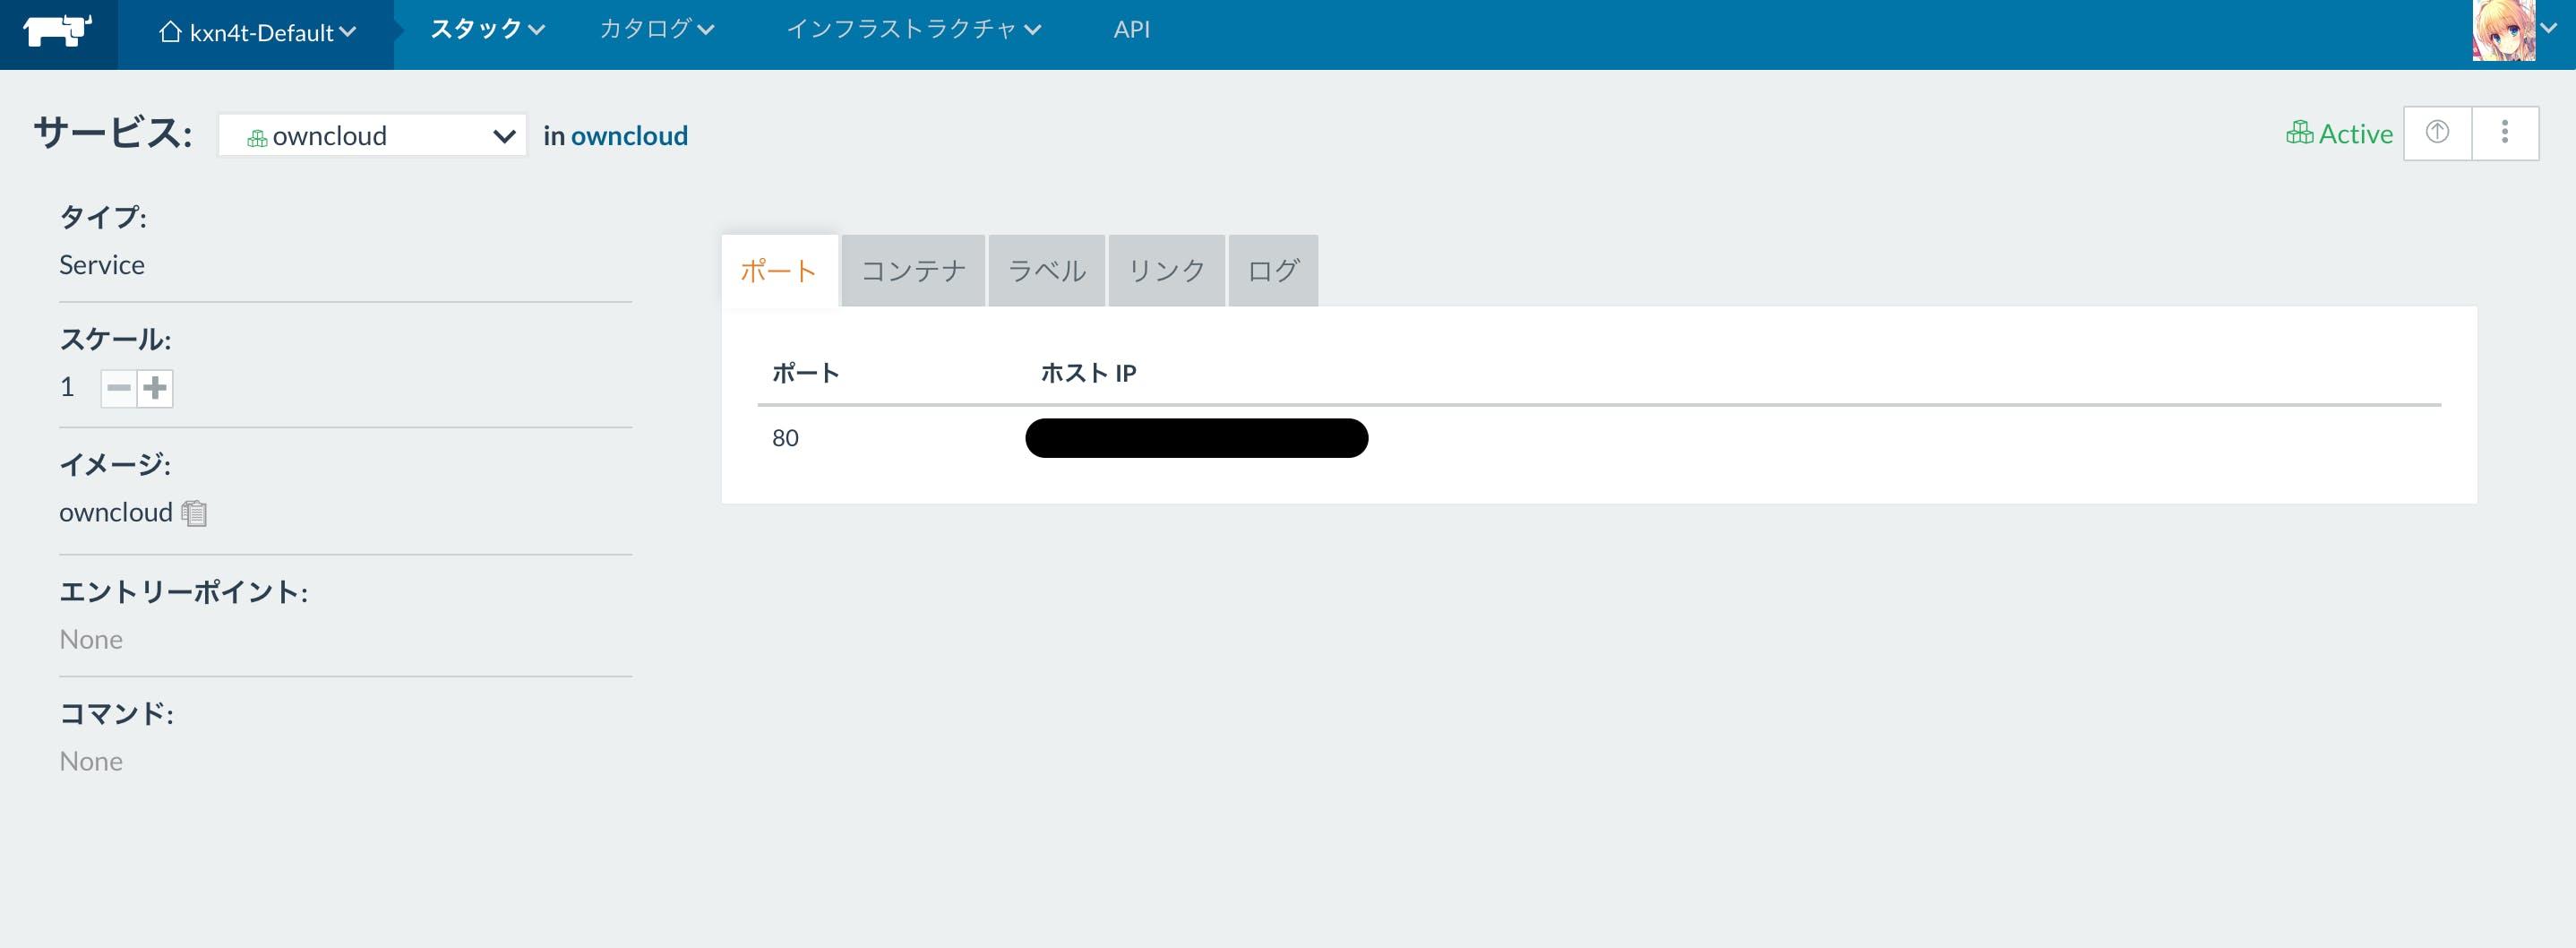 スクリーンショット 2017-02-02 20.00.53.png